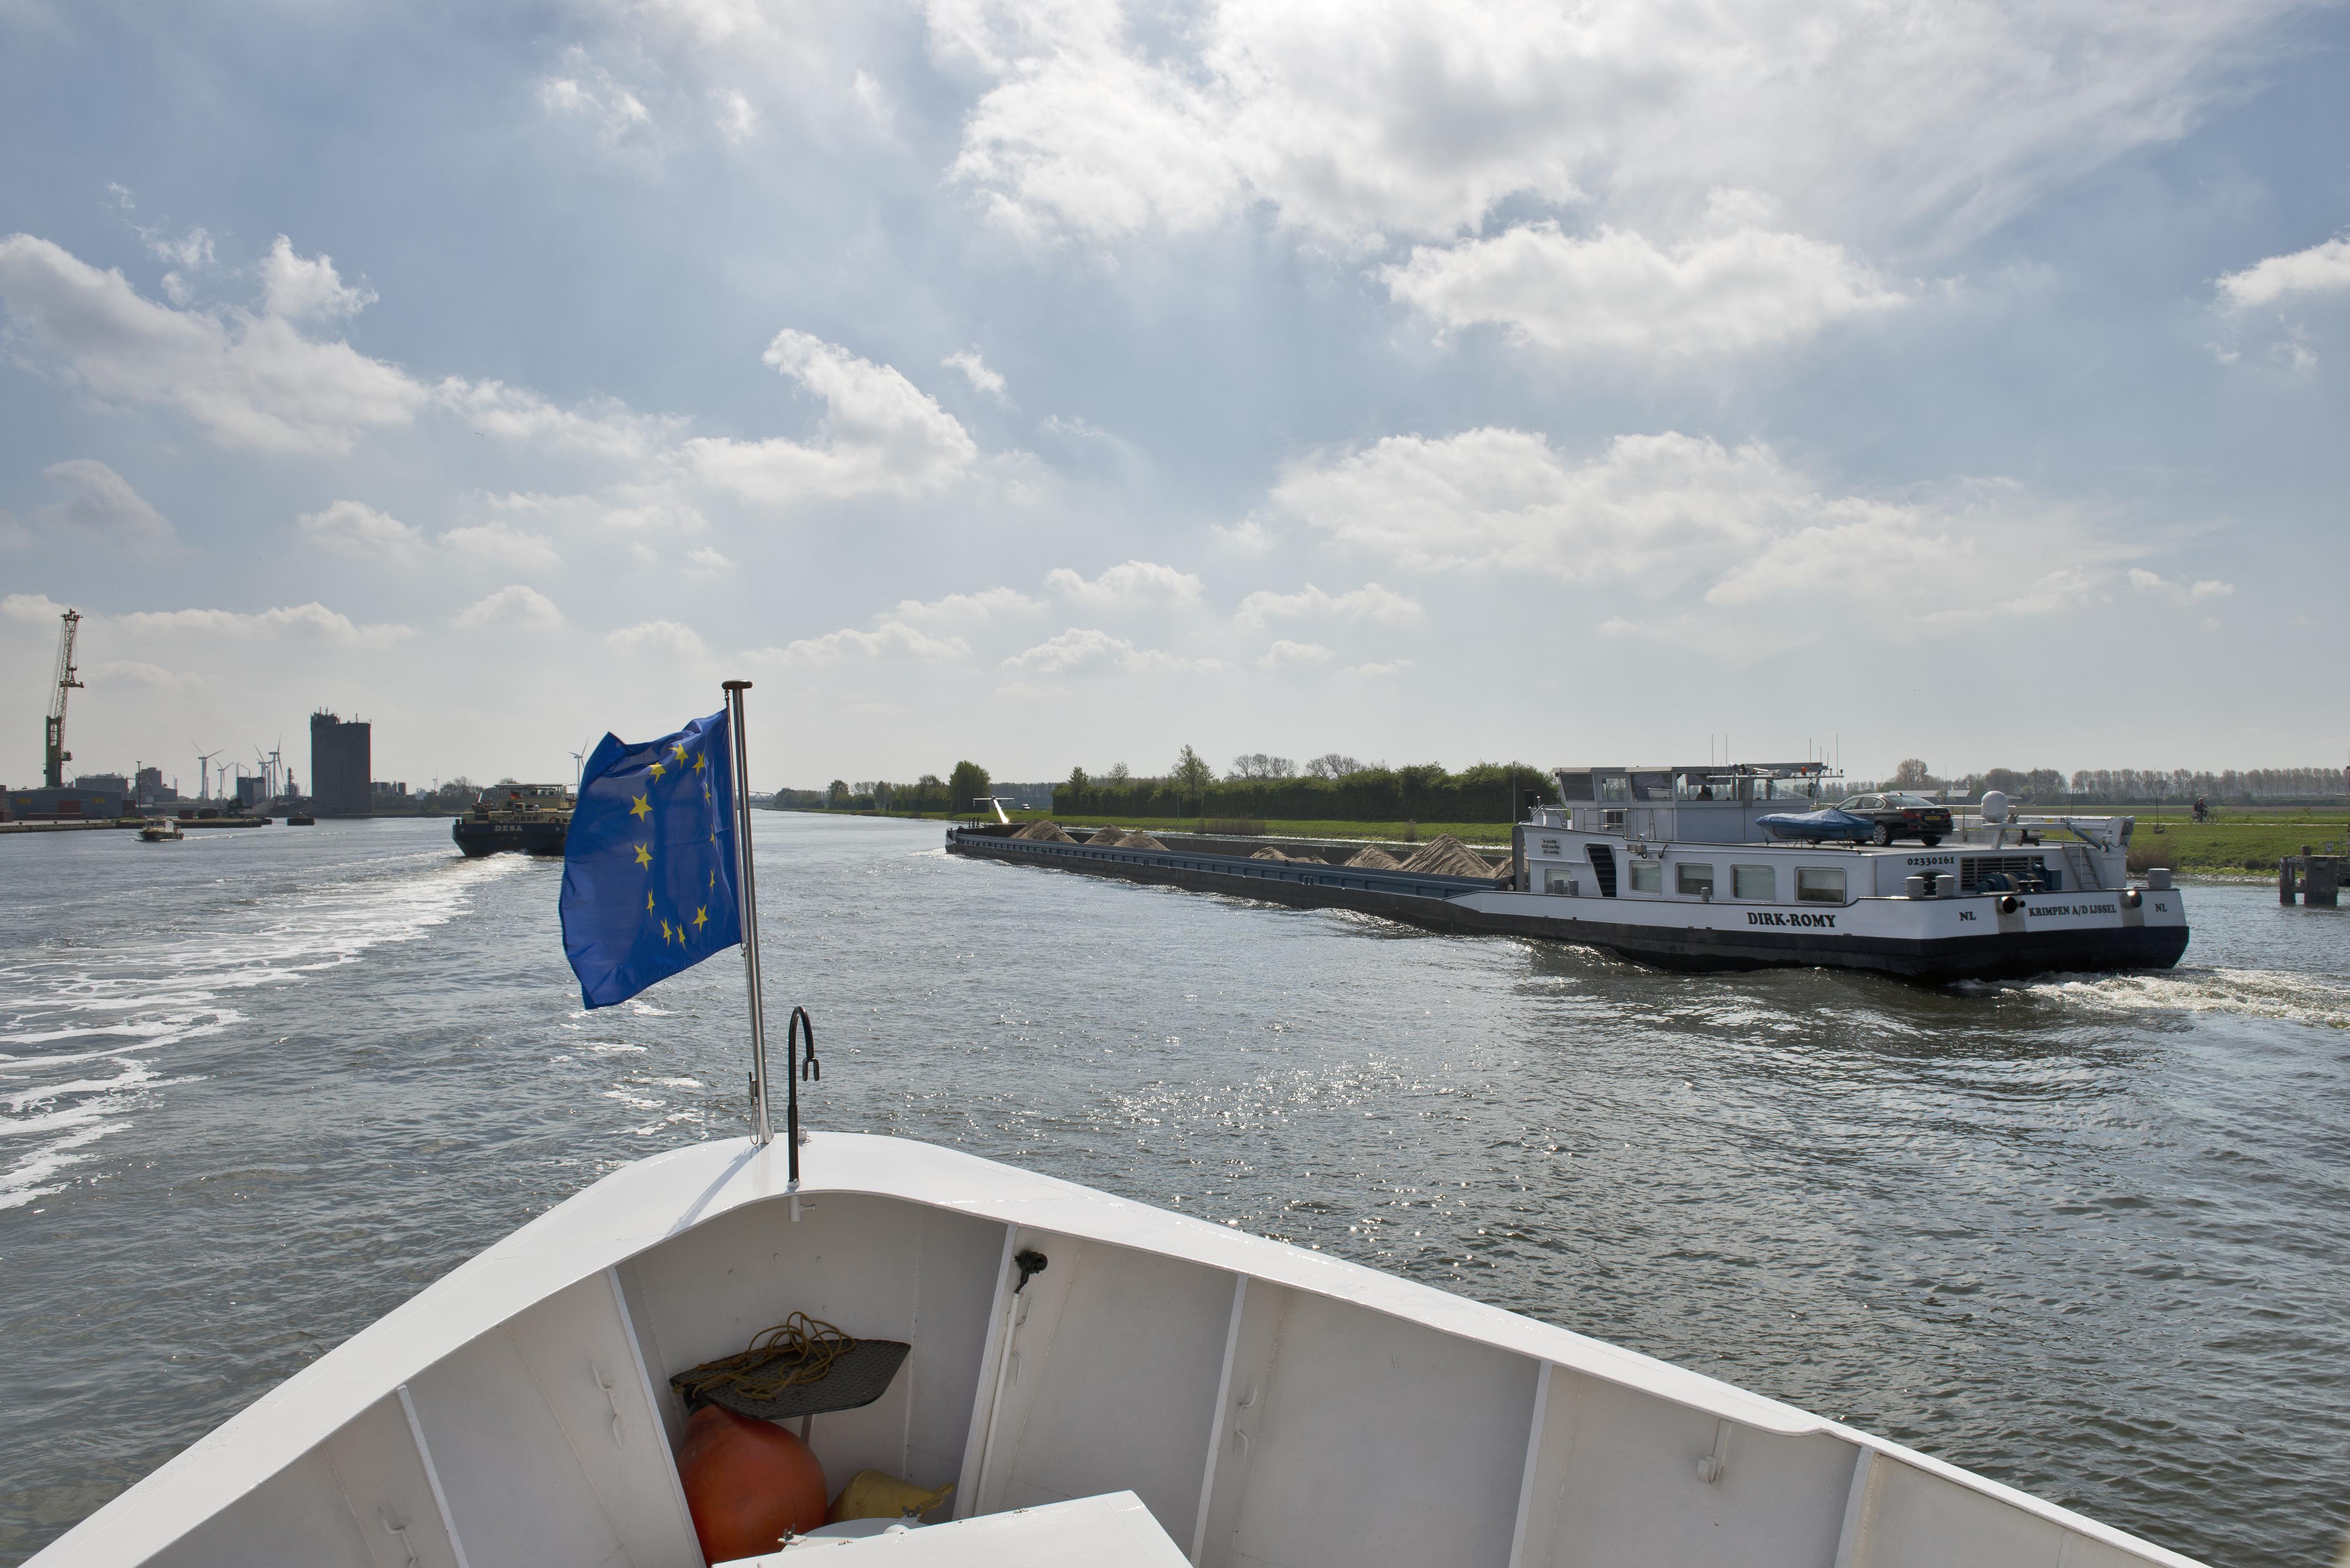 vlag op schip-platte brede afbeelding voor topafbeelding